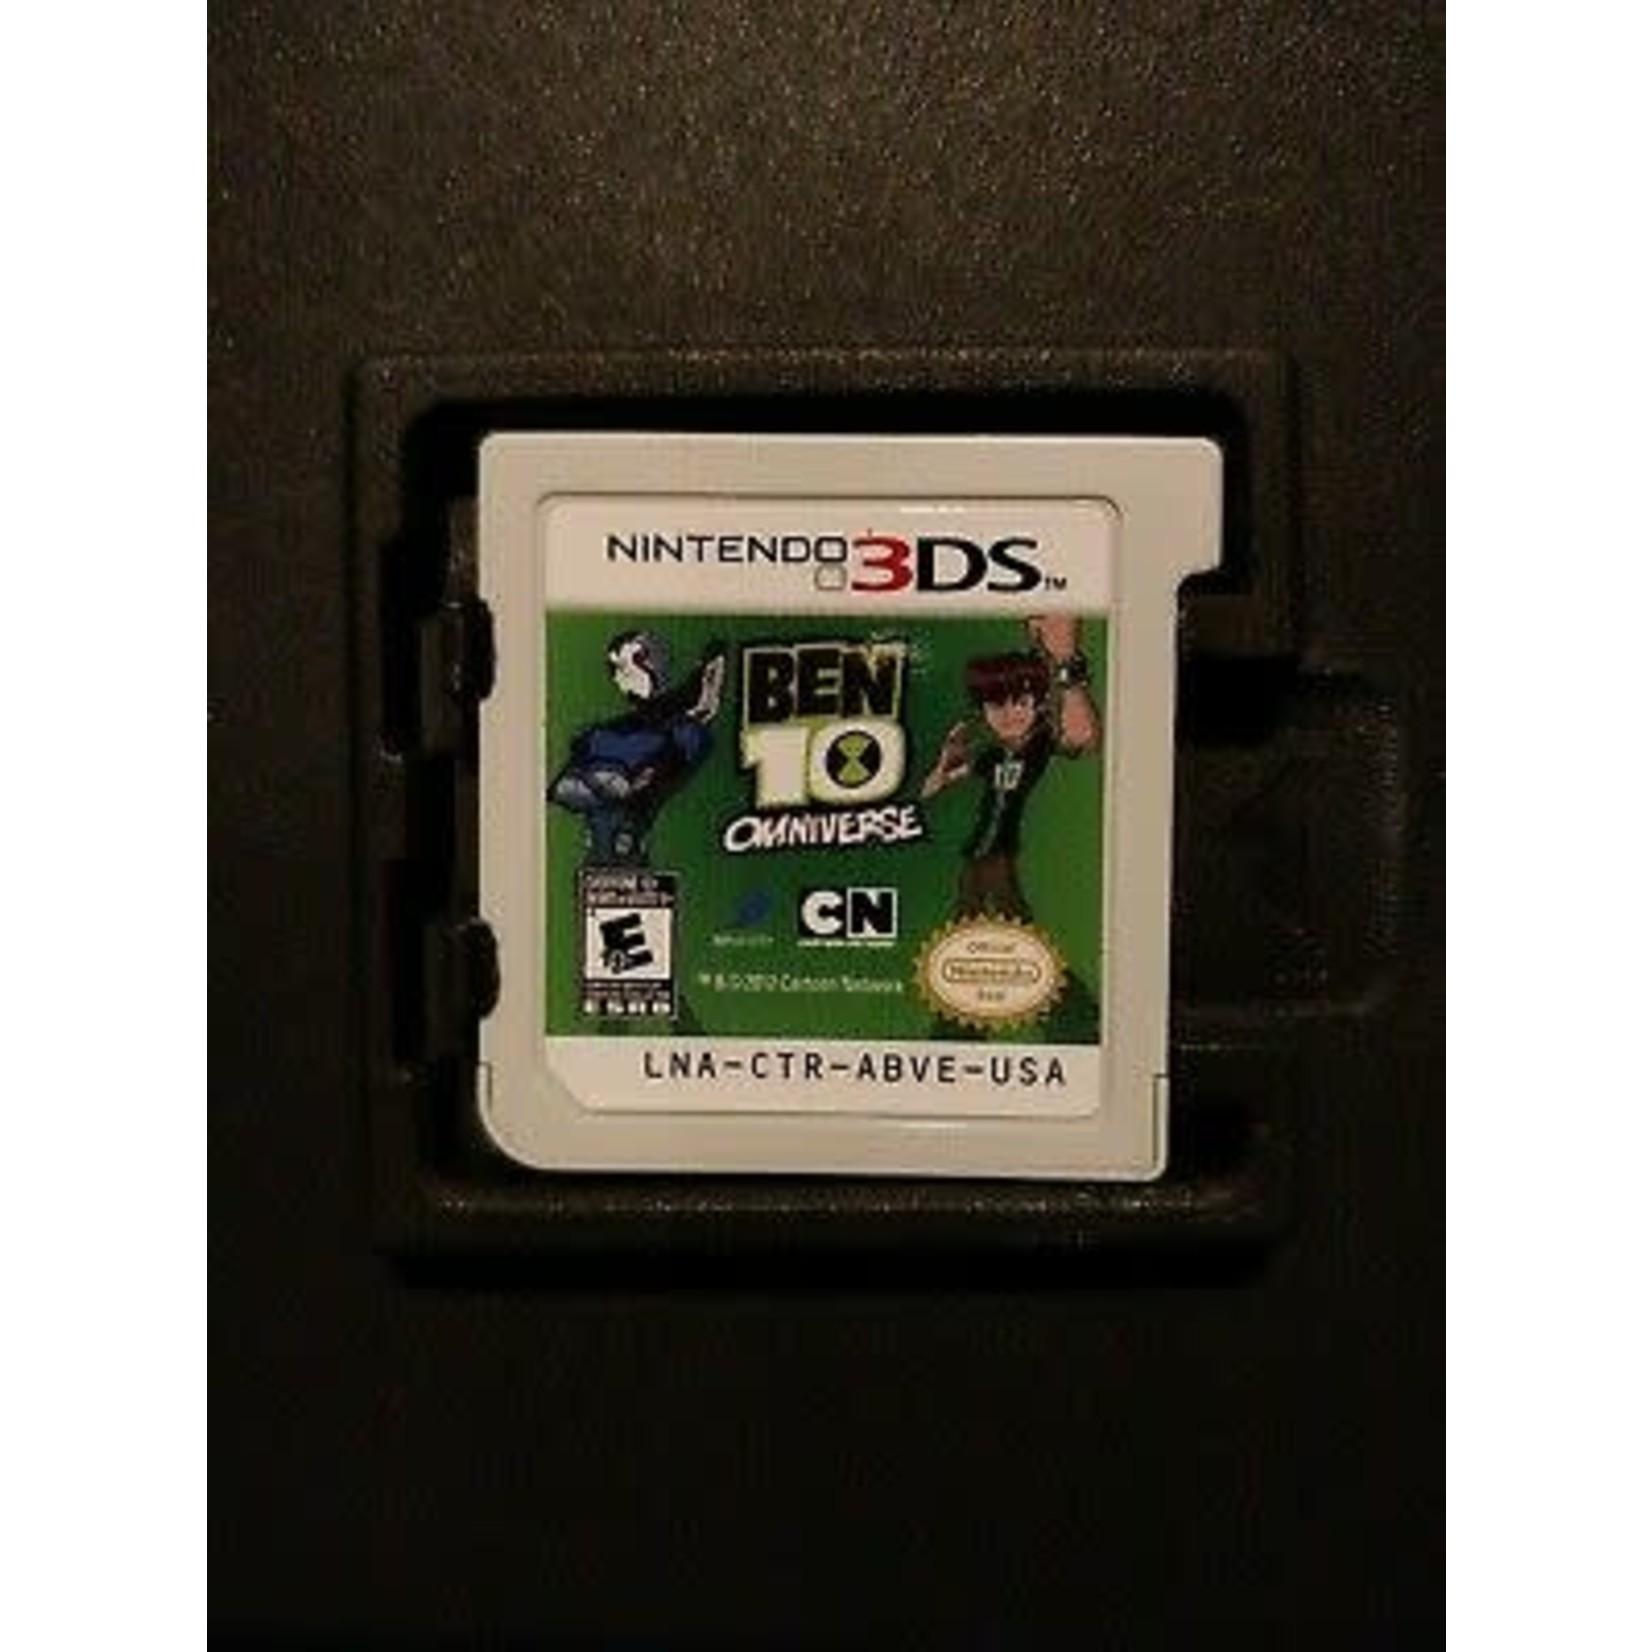 3DSU-Ben 10: Omniverse (Chip Only)